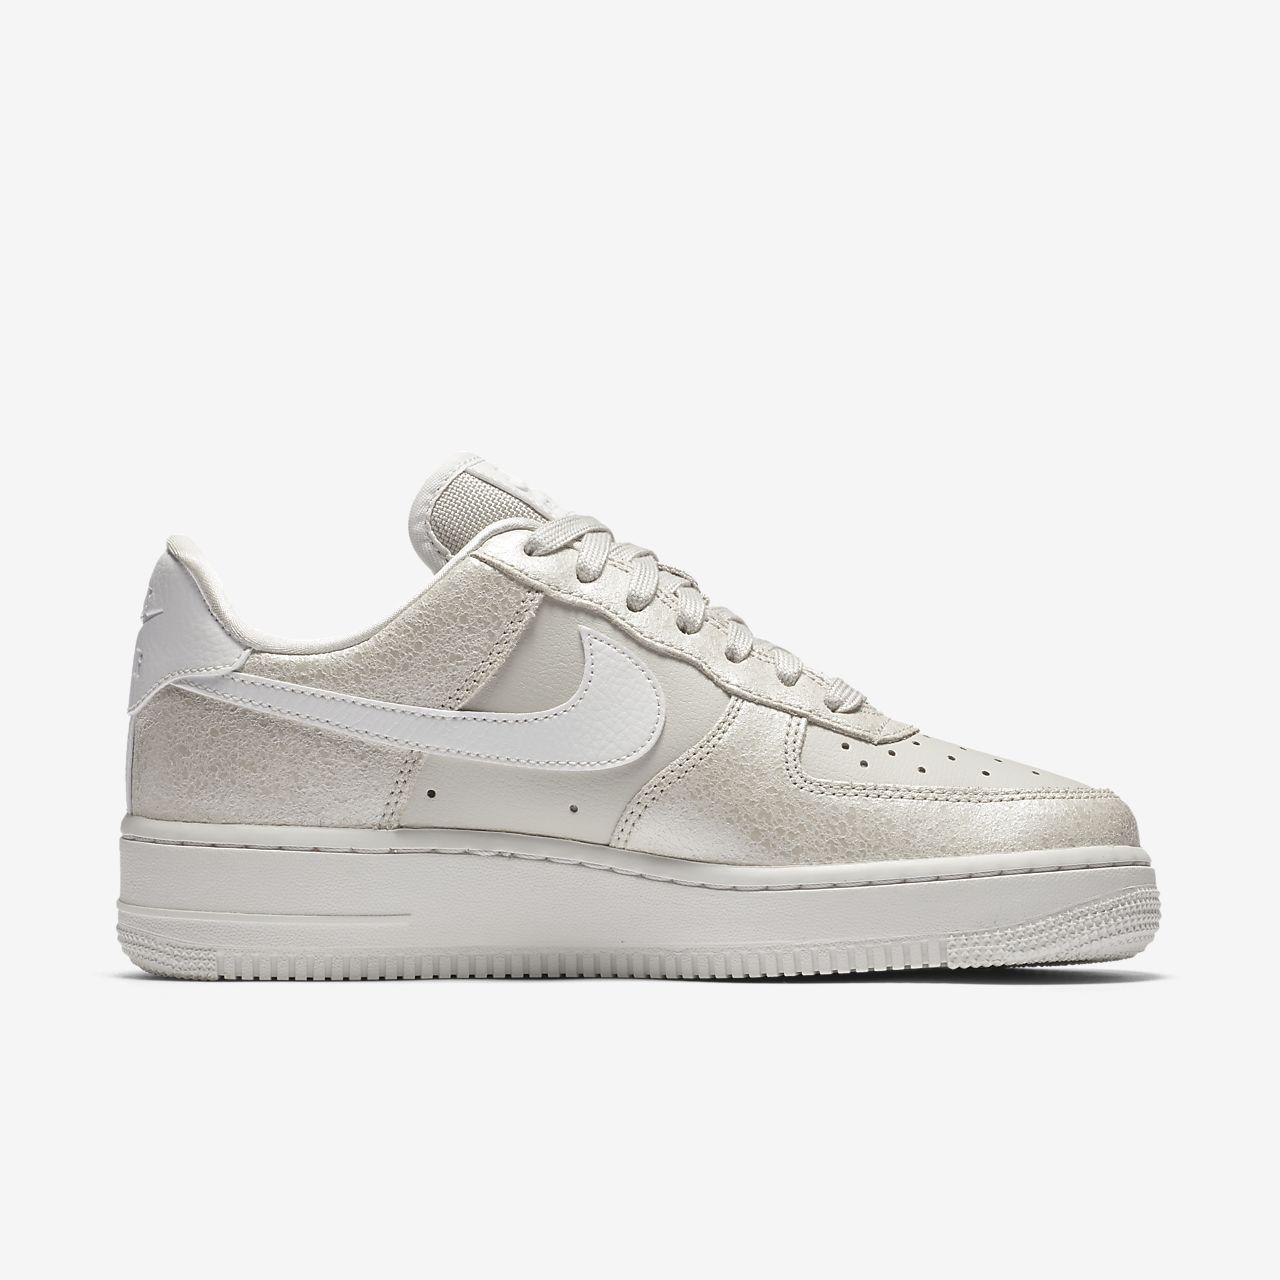 nike air force 1 07 premium - damen sneaker